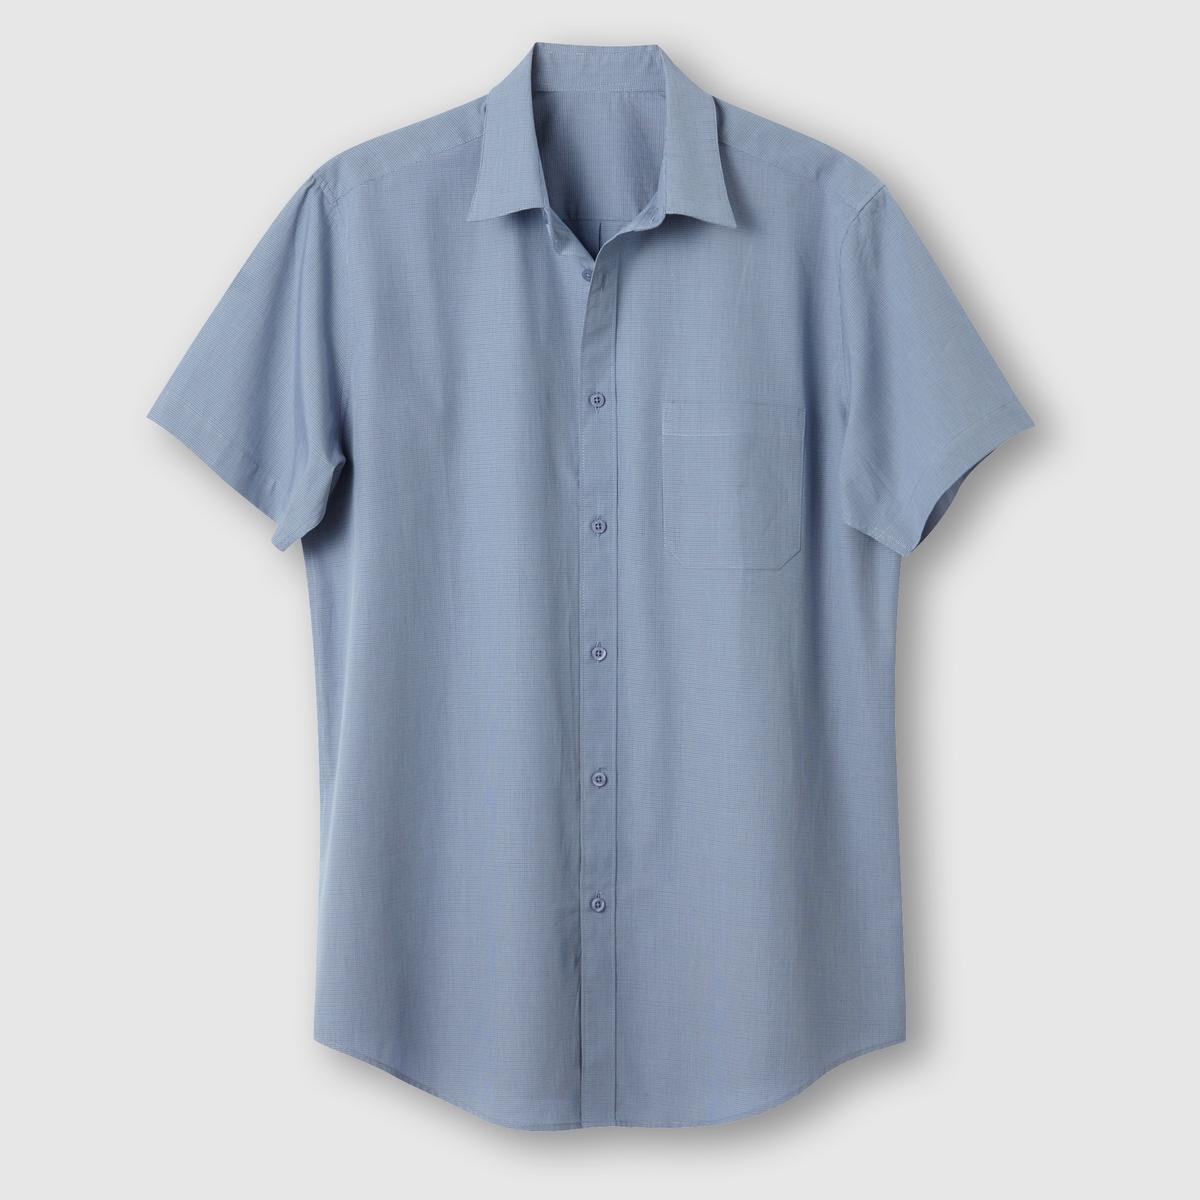 Рубашка с короткими рукавами, рост 1 и 2 (до 1,87 м)Поплин, 100% хлопок. Рост 1 и 2 (при росте 1,87 м) :  длина рубашки 85 см, длина рукава 24 см.<br><br>Цвет: в клетку серый/синий,в полоску бордовый/белый<br>Размер: 47/48.51/52